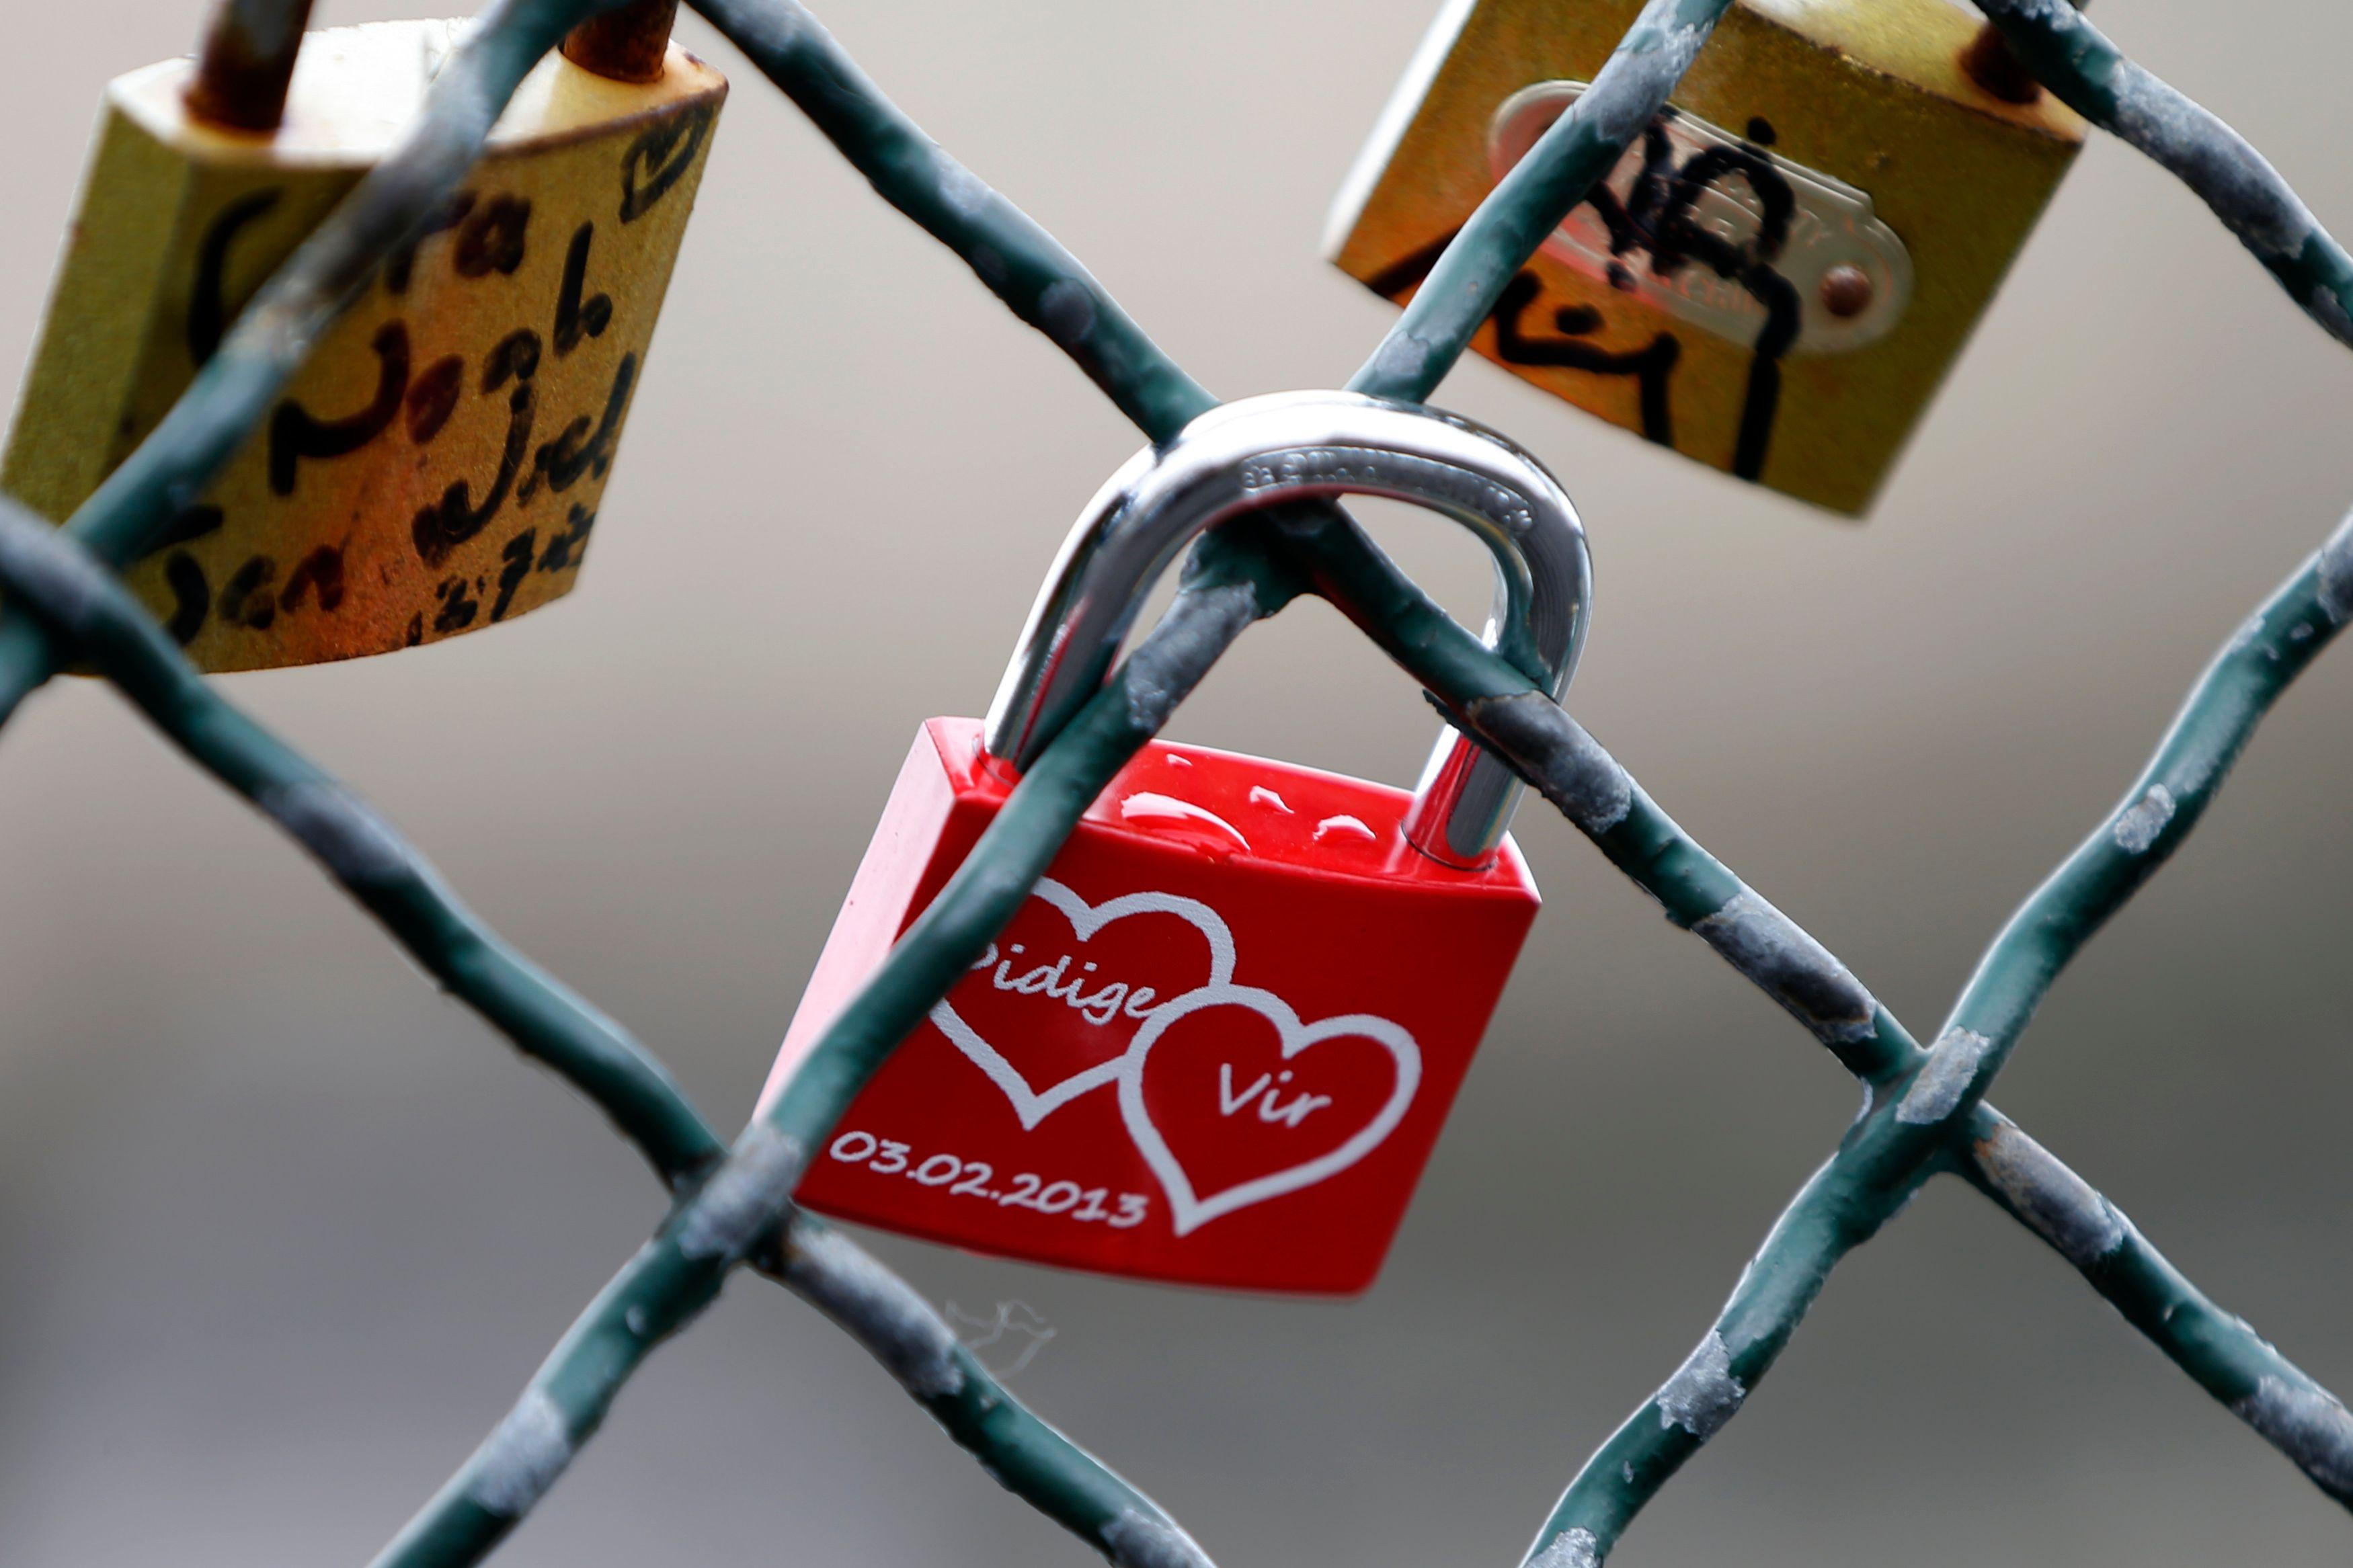 Najat Vallaud-Belkacem sera-t-elle plus forte que les habitudes de la Saint-Valentin et autres comportements traditionnels ?